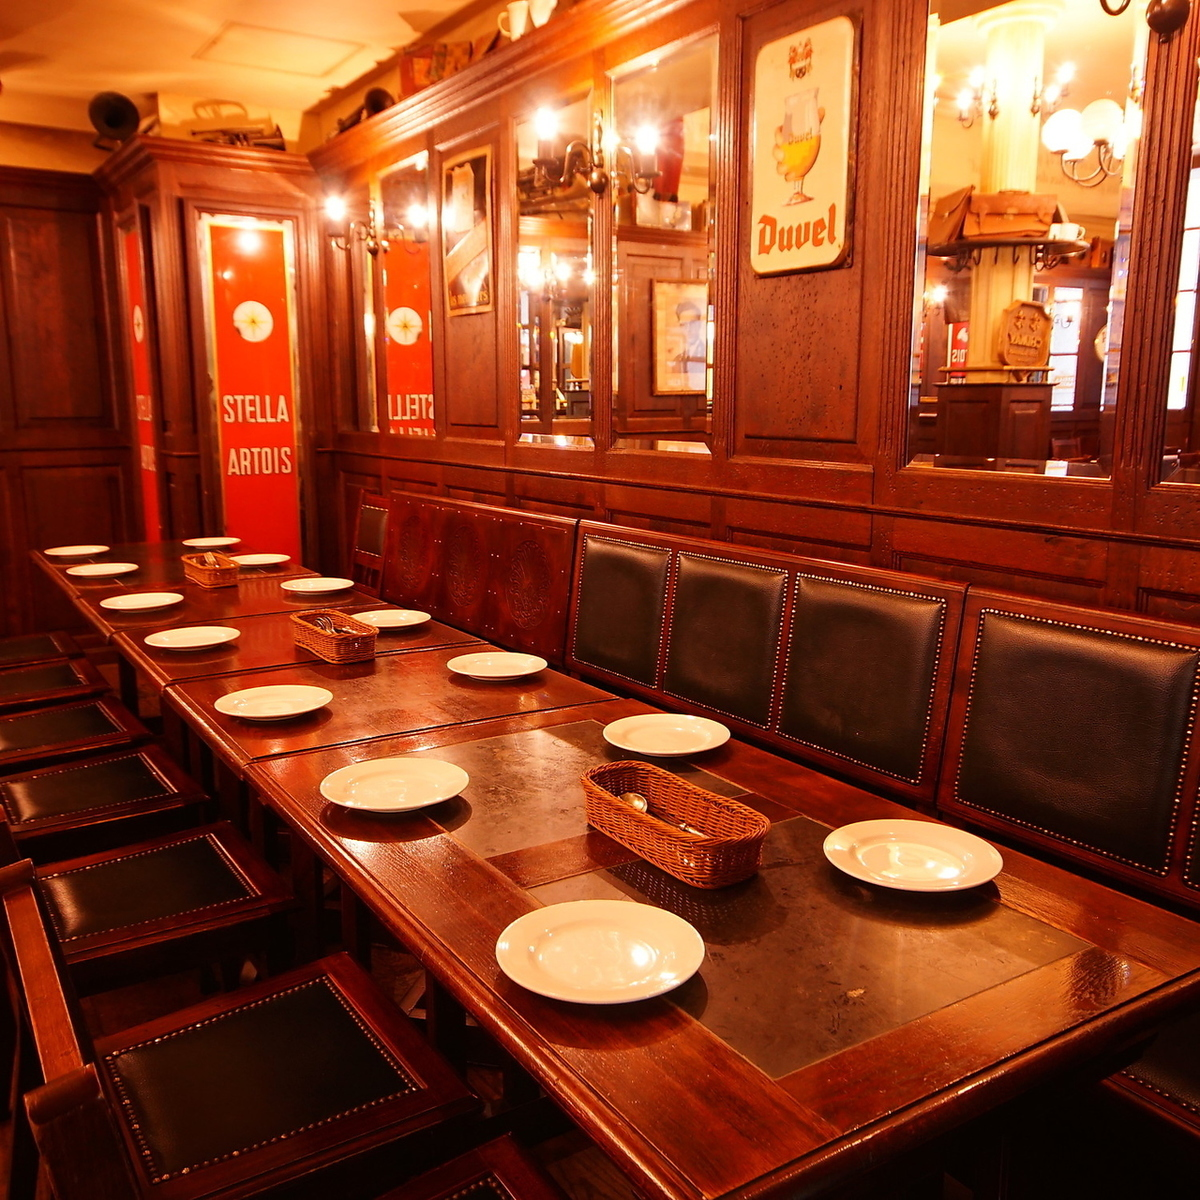 【~14人座位】是团体的座位。一排最多可容纳14位客人。